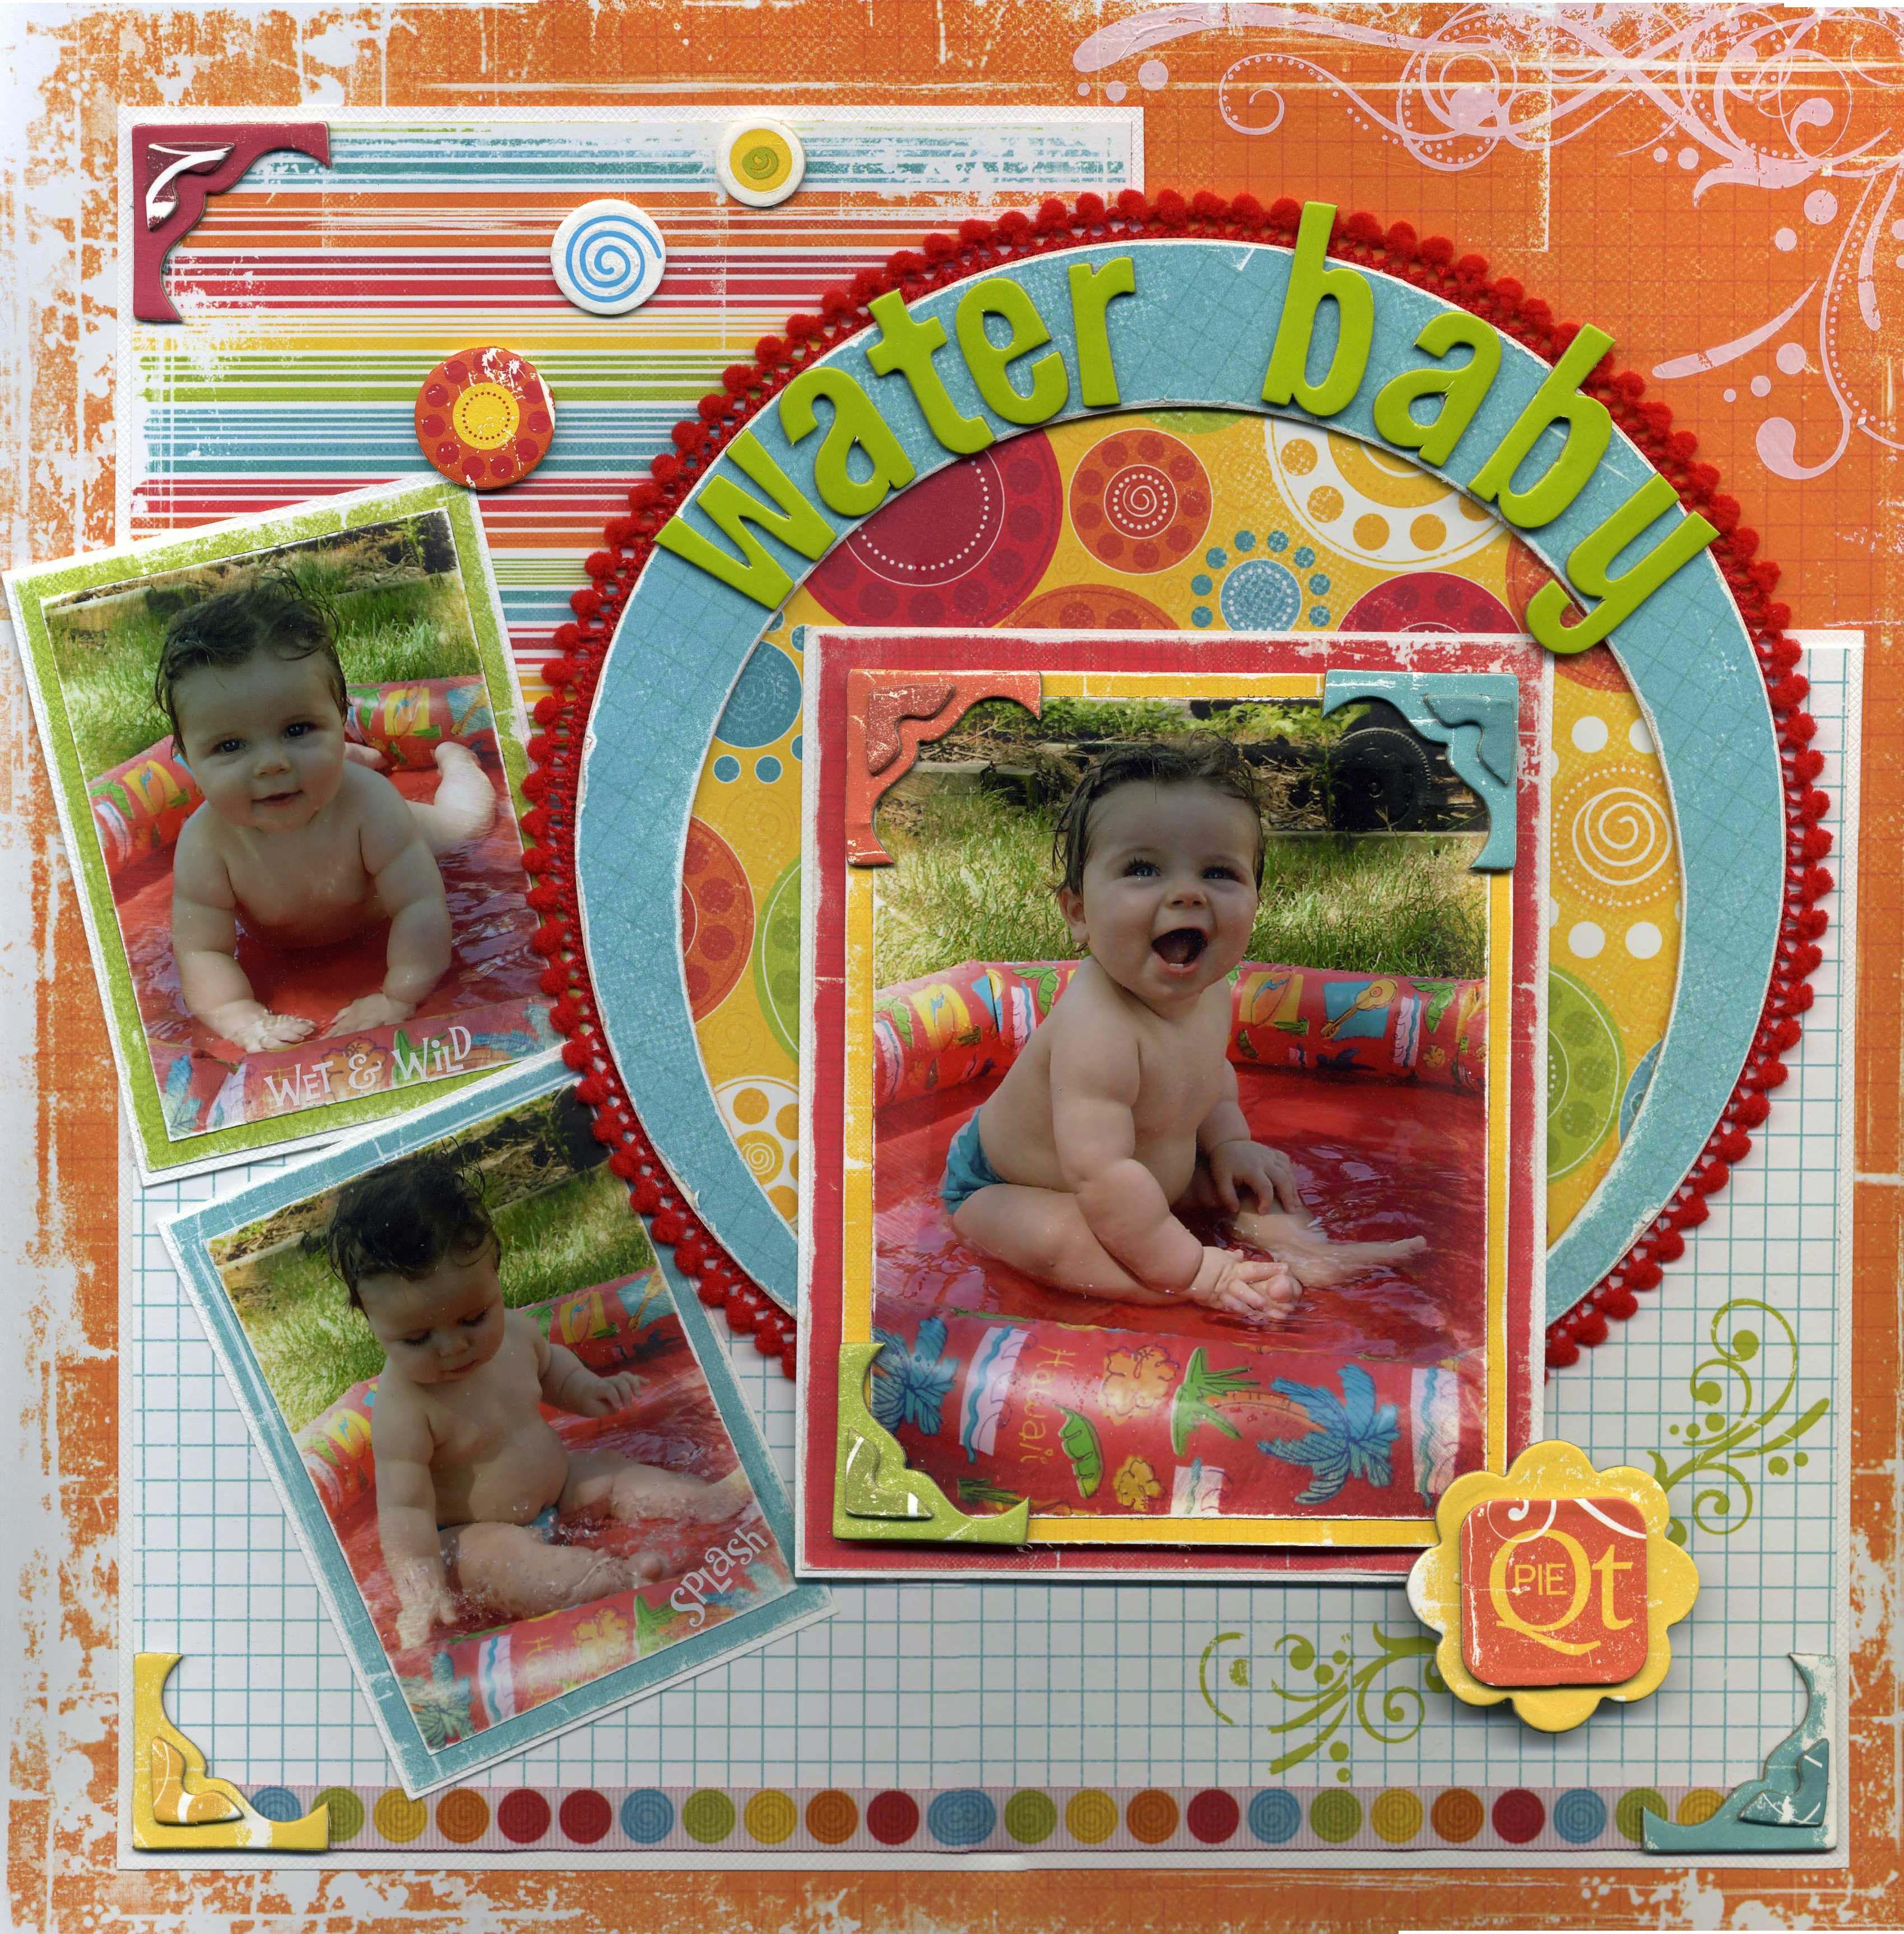 Baby scrapbook ideas on pinterest - Water Baby Scrapbook Com